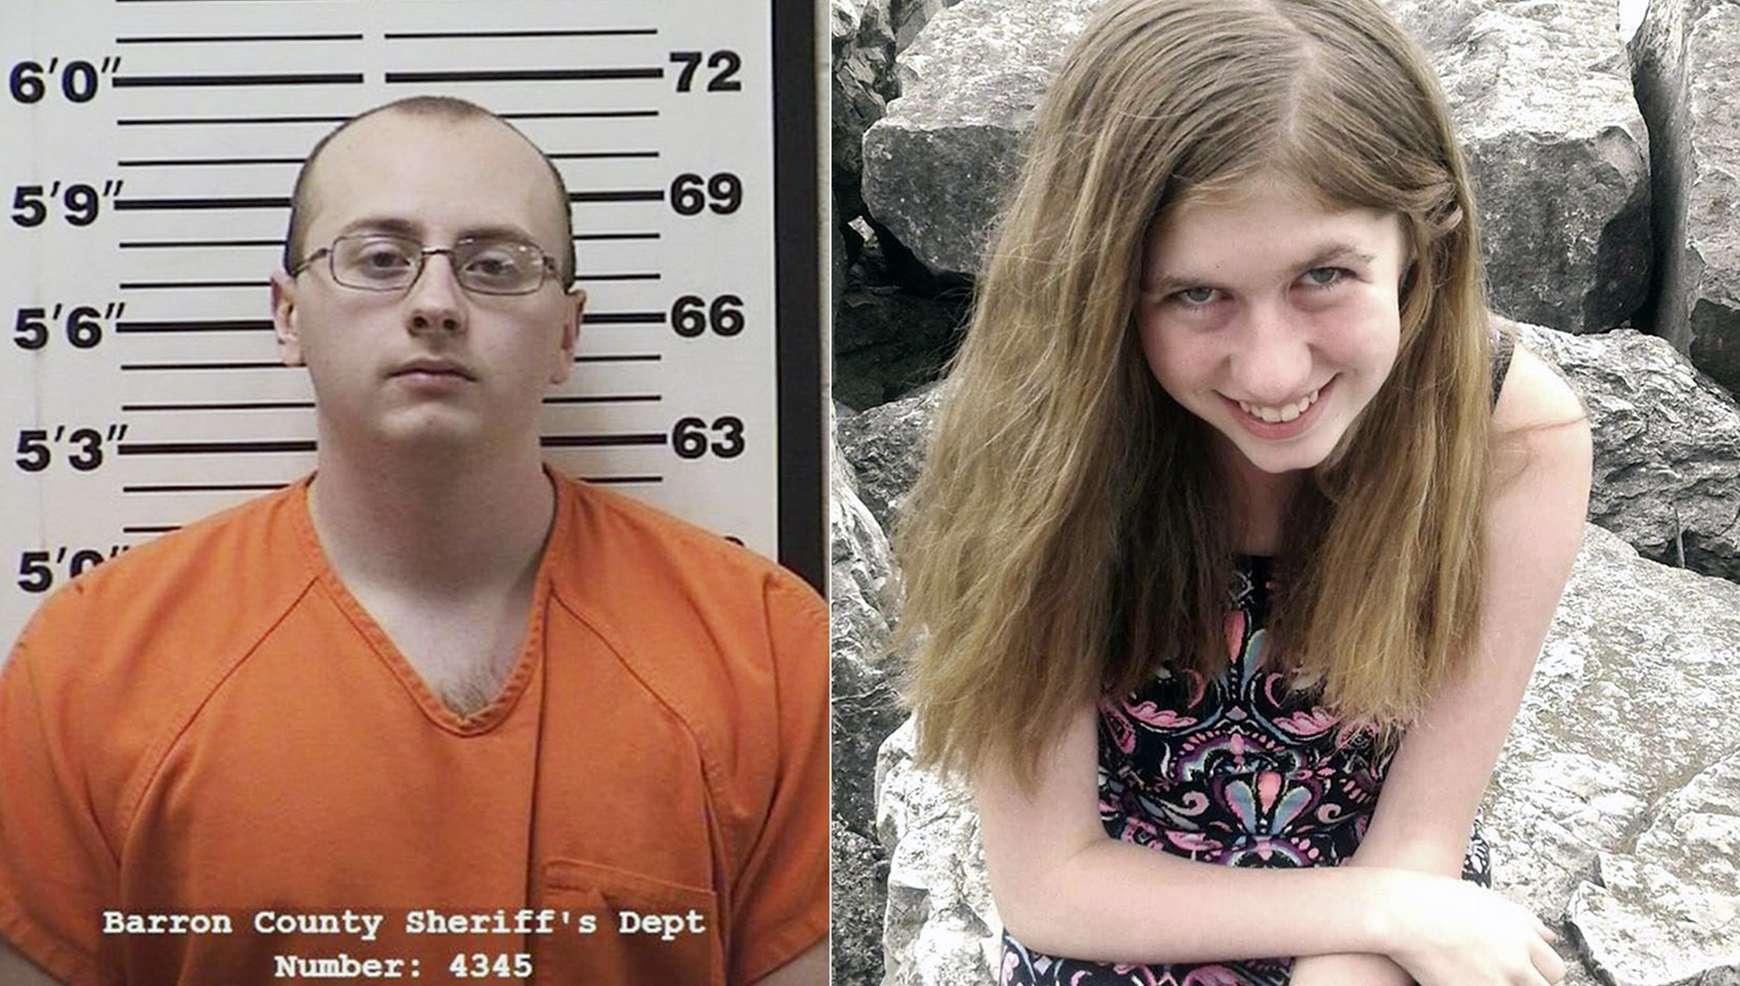 Fotocombinación: Jake Thomas Patterson (izq) y Jayme Closs (der). AP